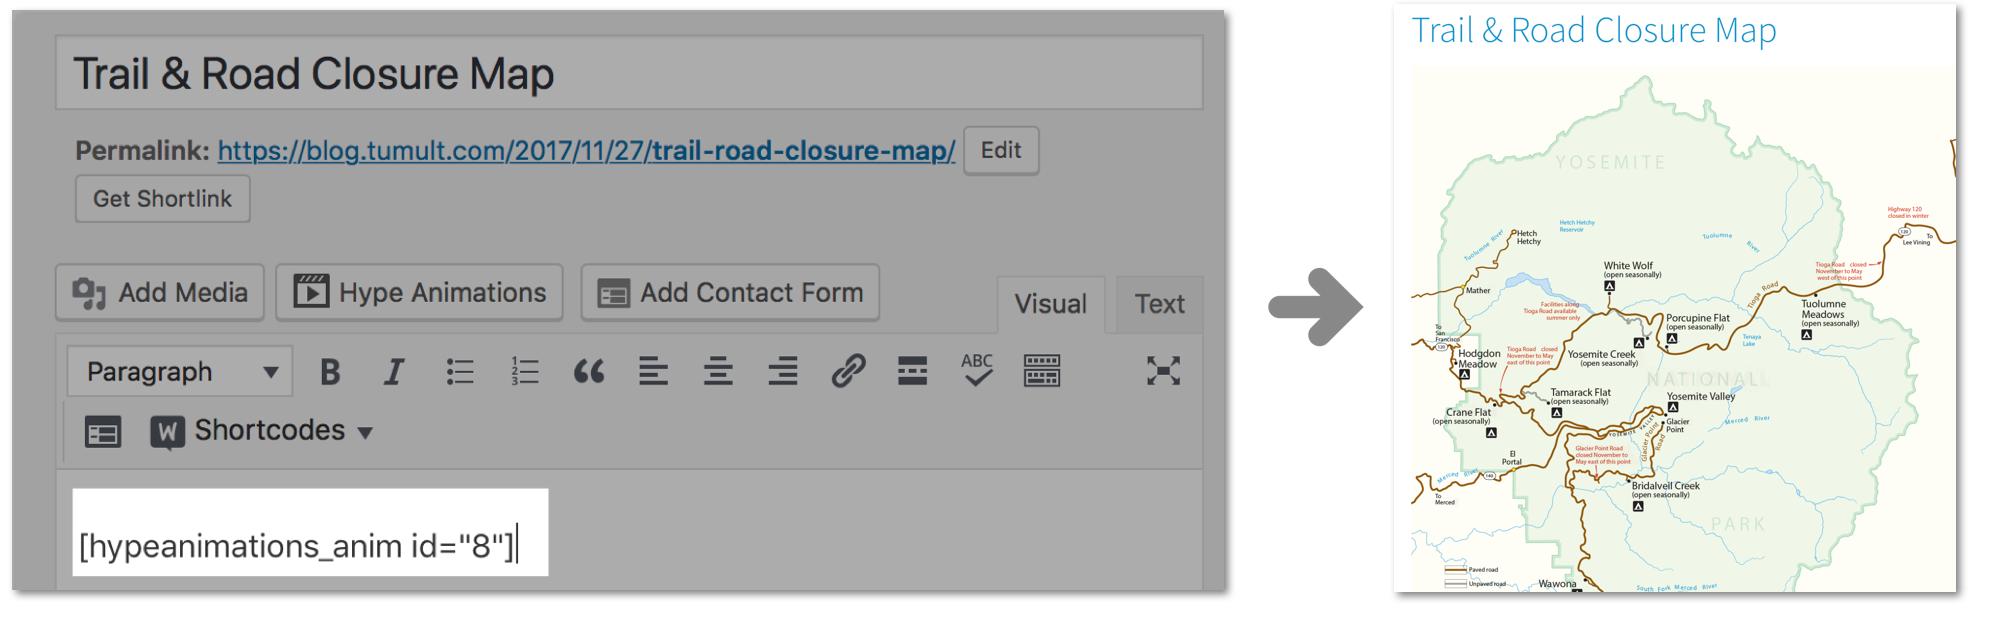 Создание анимации для эффективных постов в блоге с помощью WordPress и Tumult Hype